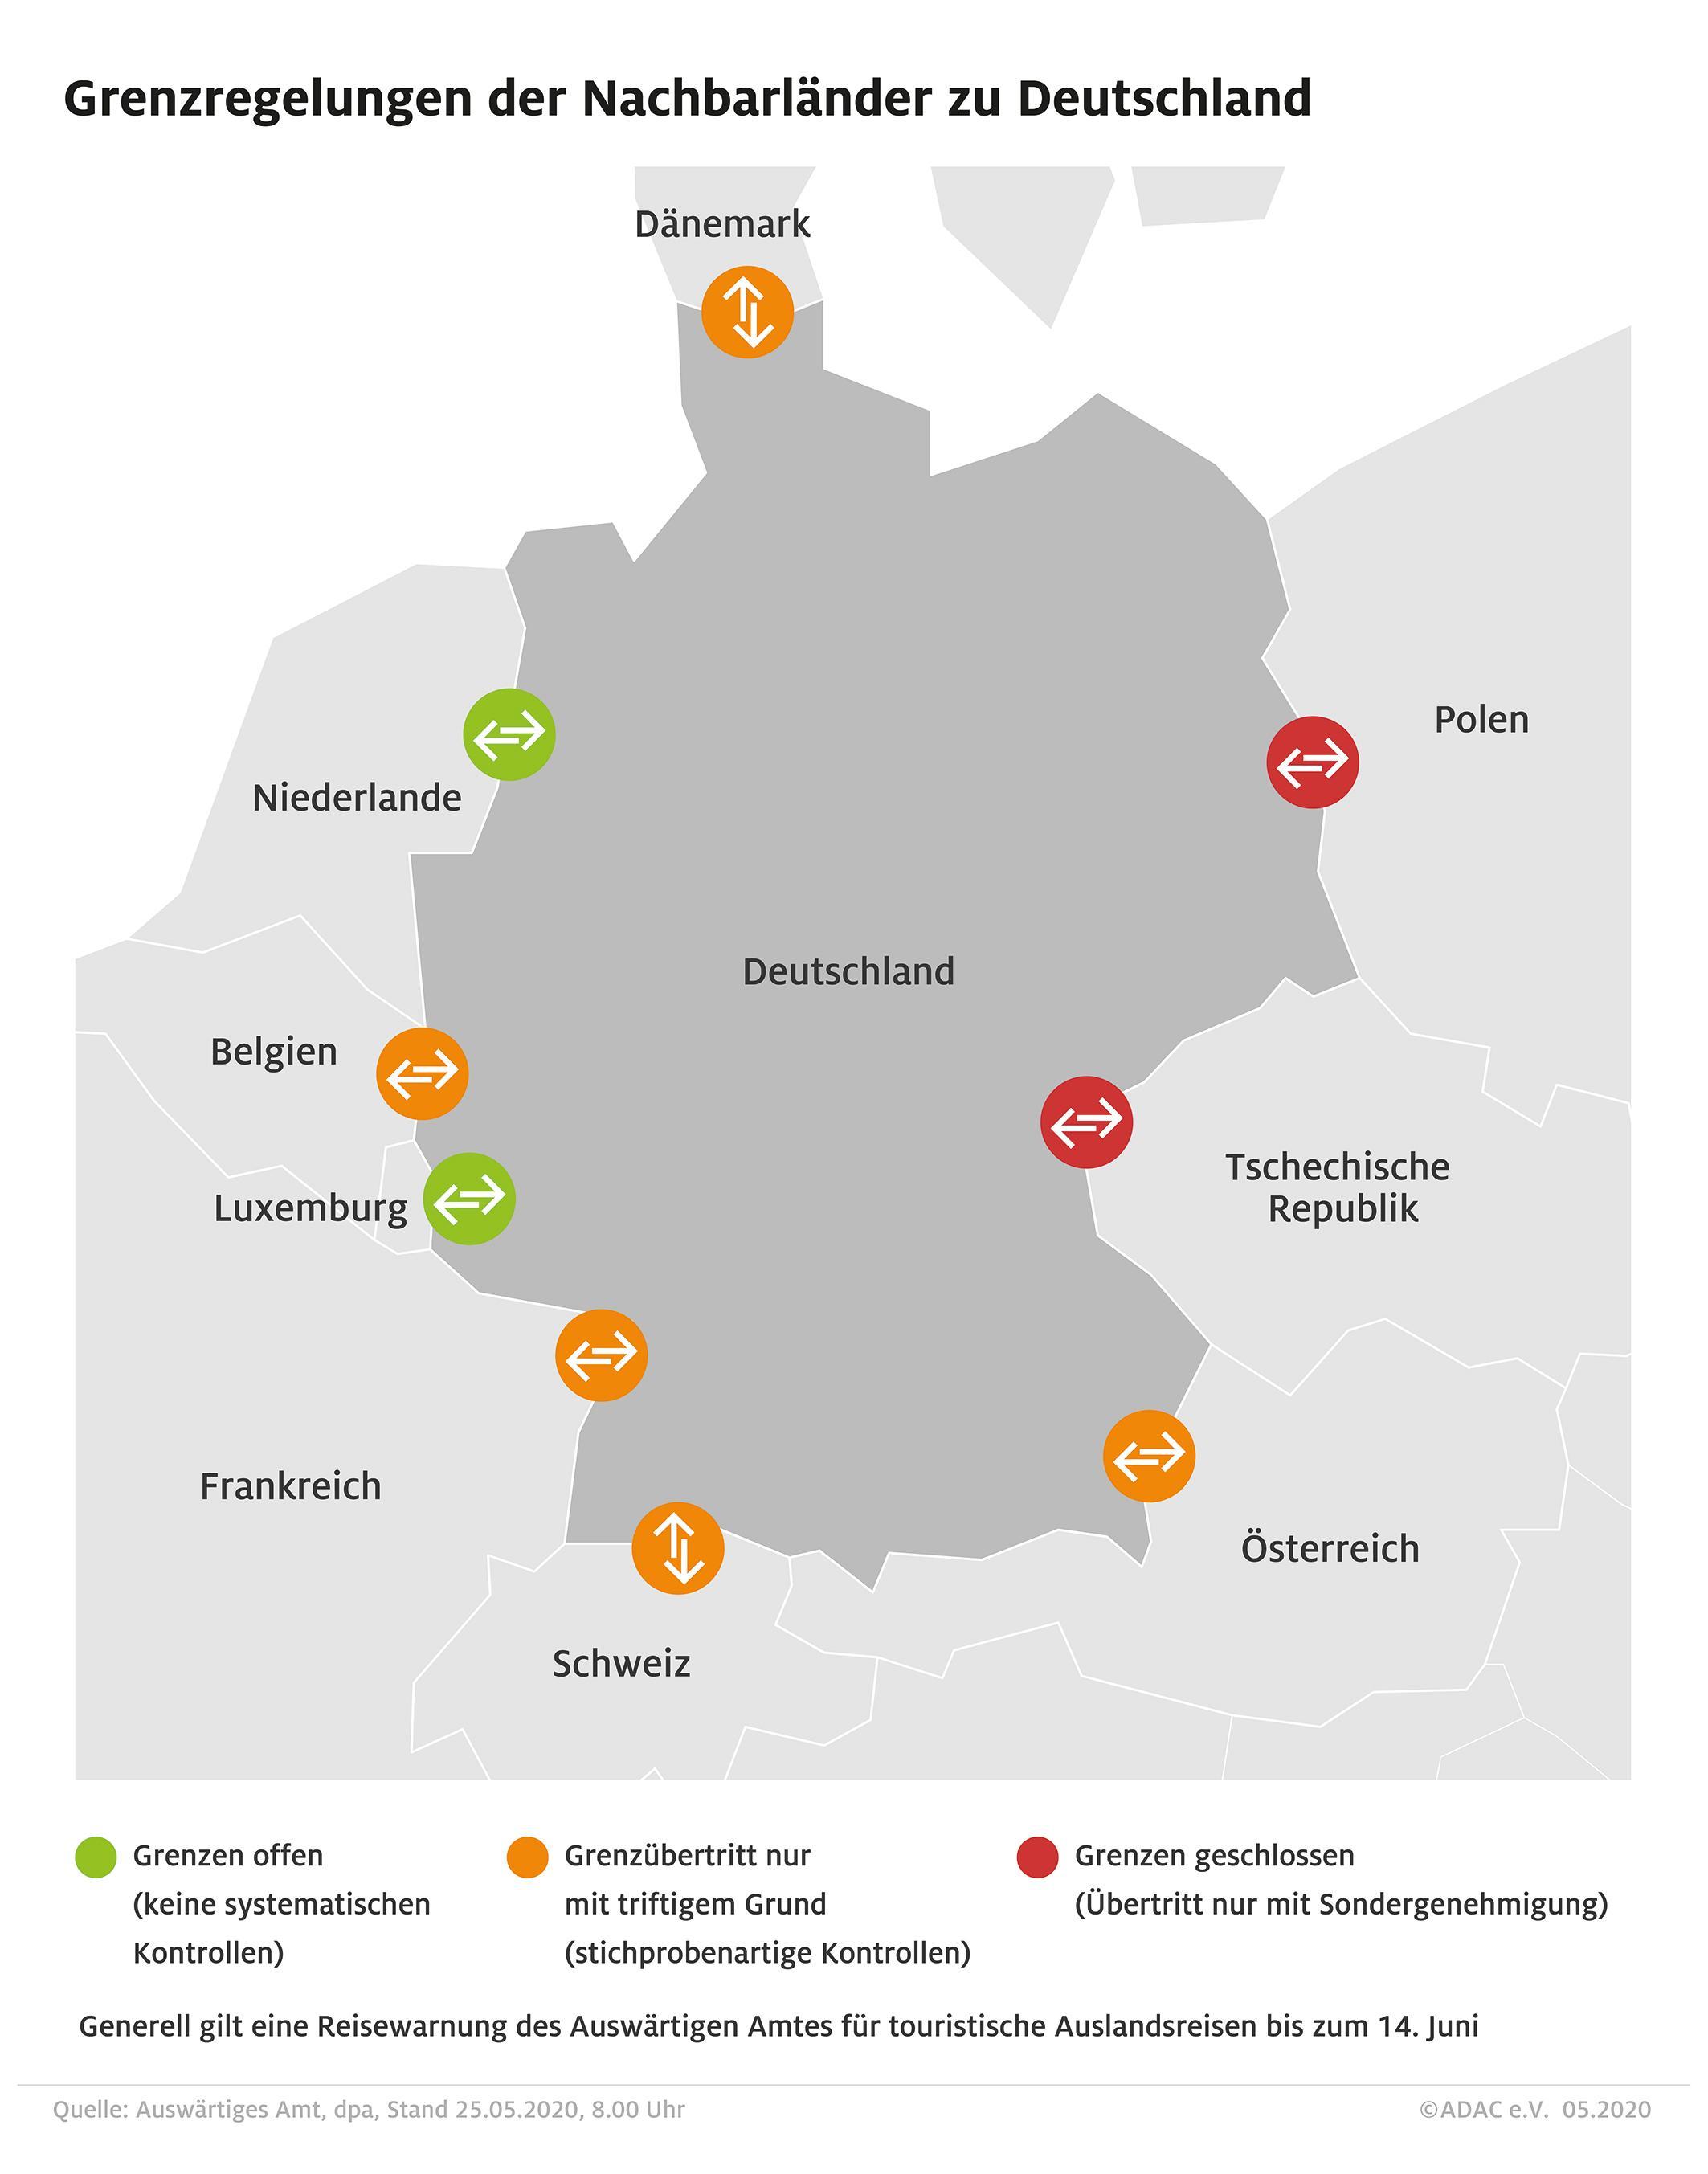 grenzregelungen_deutschland_2020_05_25.jpg